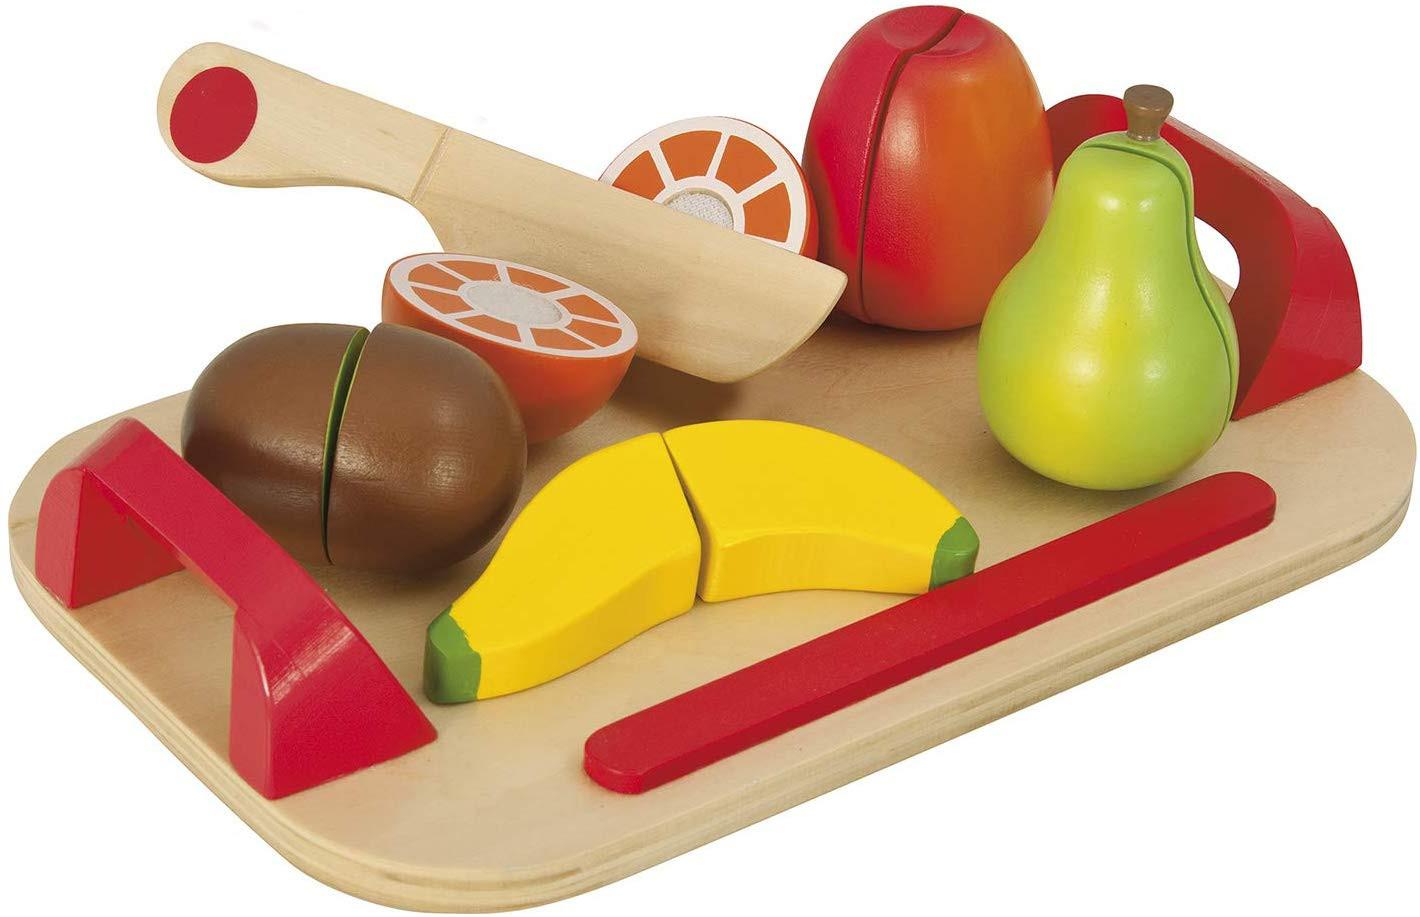 Tranchoir avec fruits en Bois